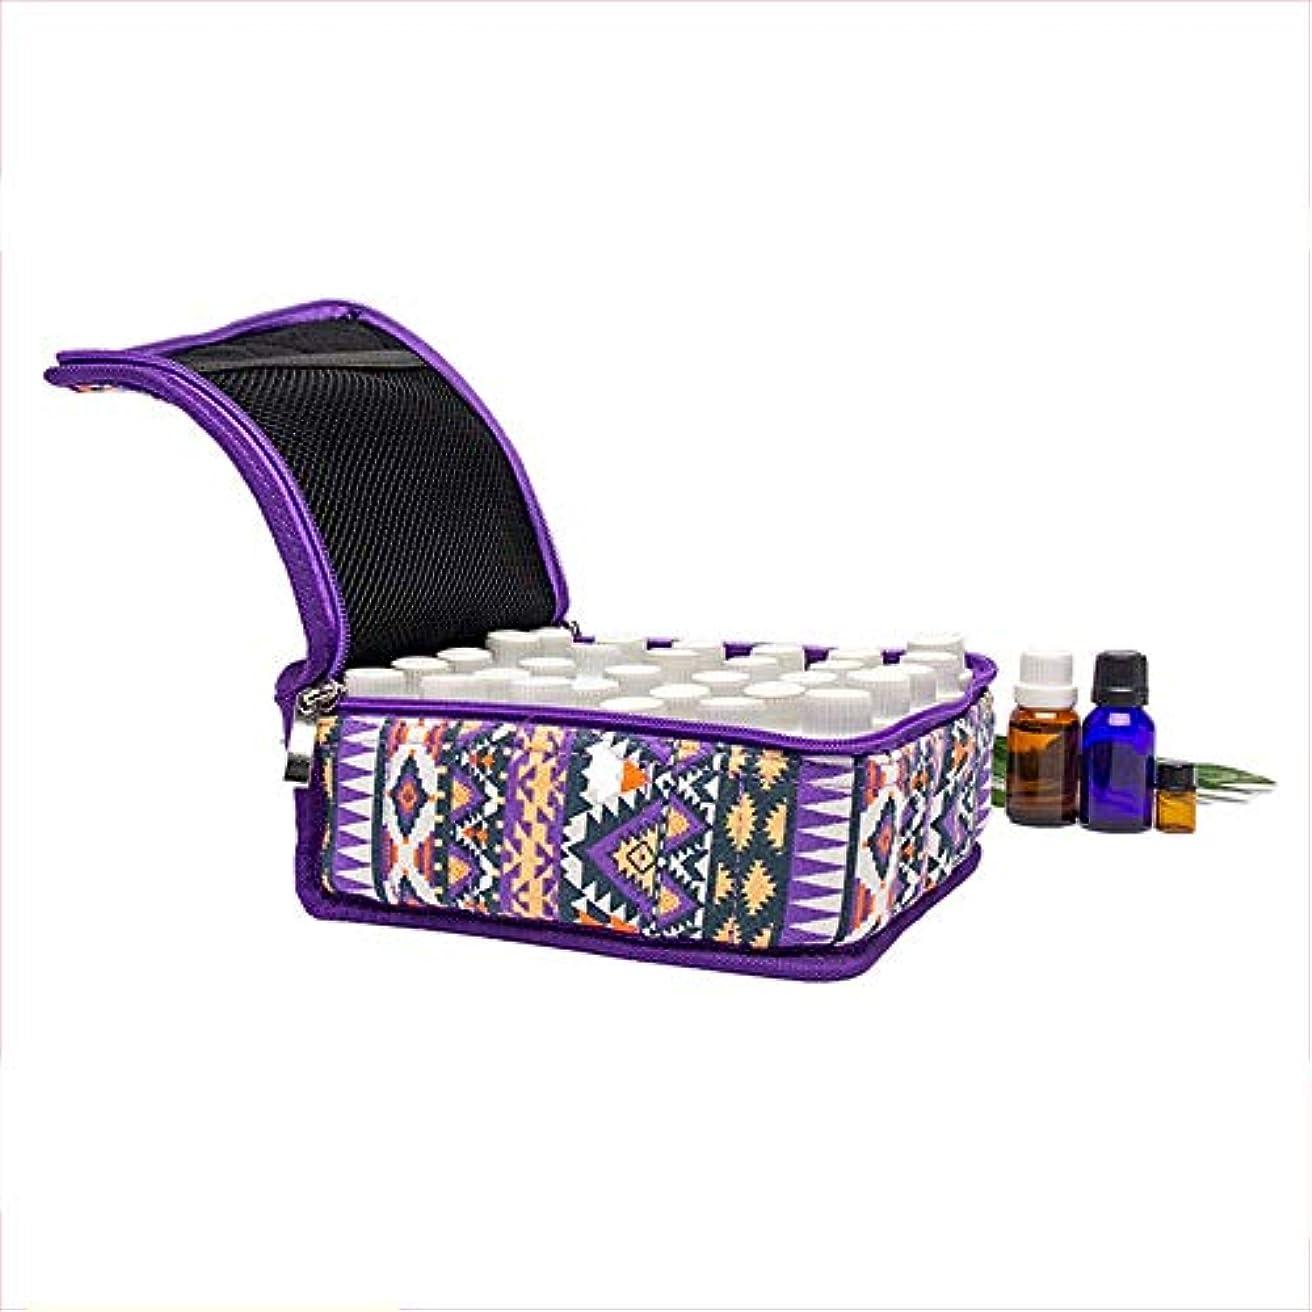 ベッドを作る吹きさらし子供達エッセンシャルオイル収納ボックス エッセンシャルオイル収納ケース旅行エッセンシャルオイルキャリングケースは、30本のボトル10ミリリットルバイアルエッセンシャルオイルオーガナイザーバッグを開催します (色 : 紫の, サイズ : 18X19X8CM)